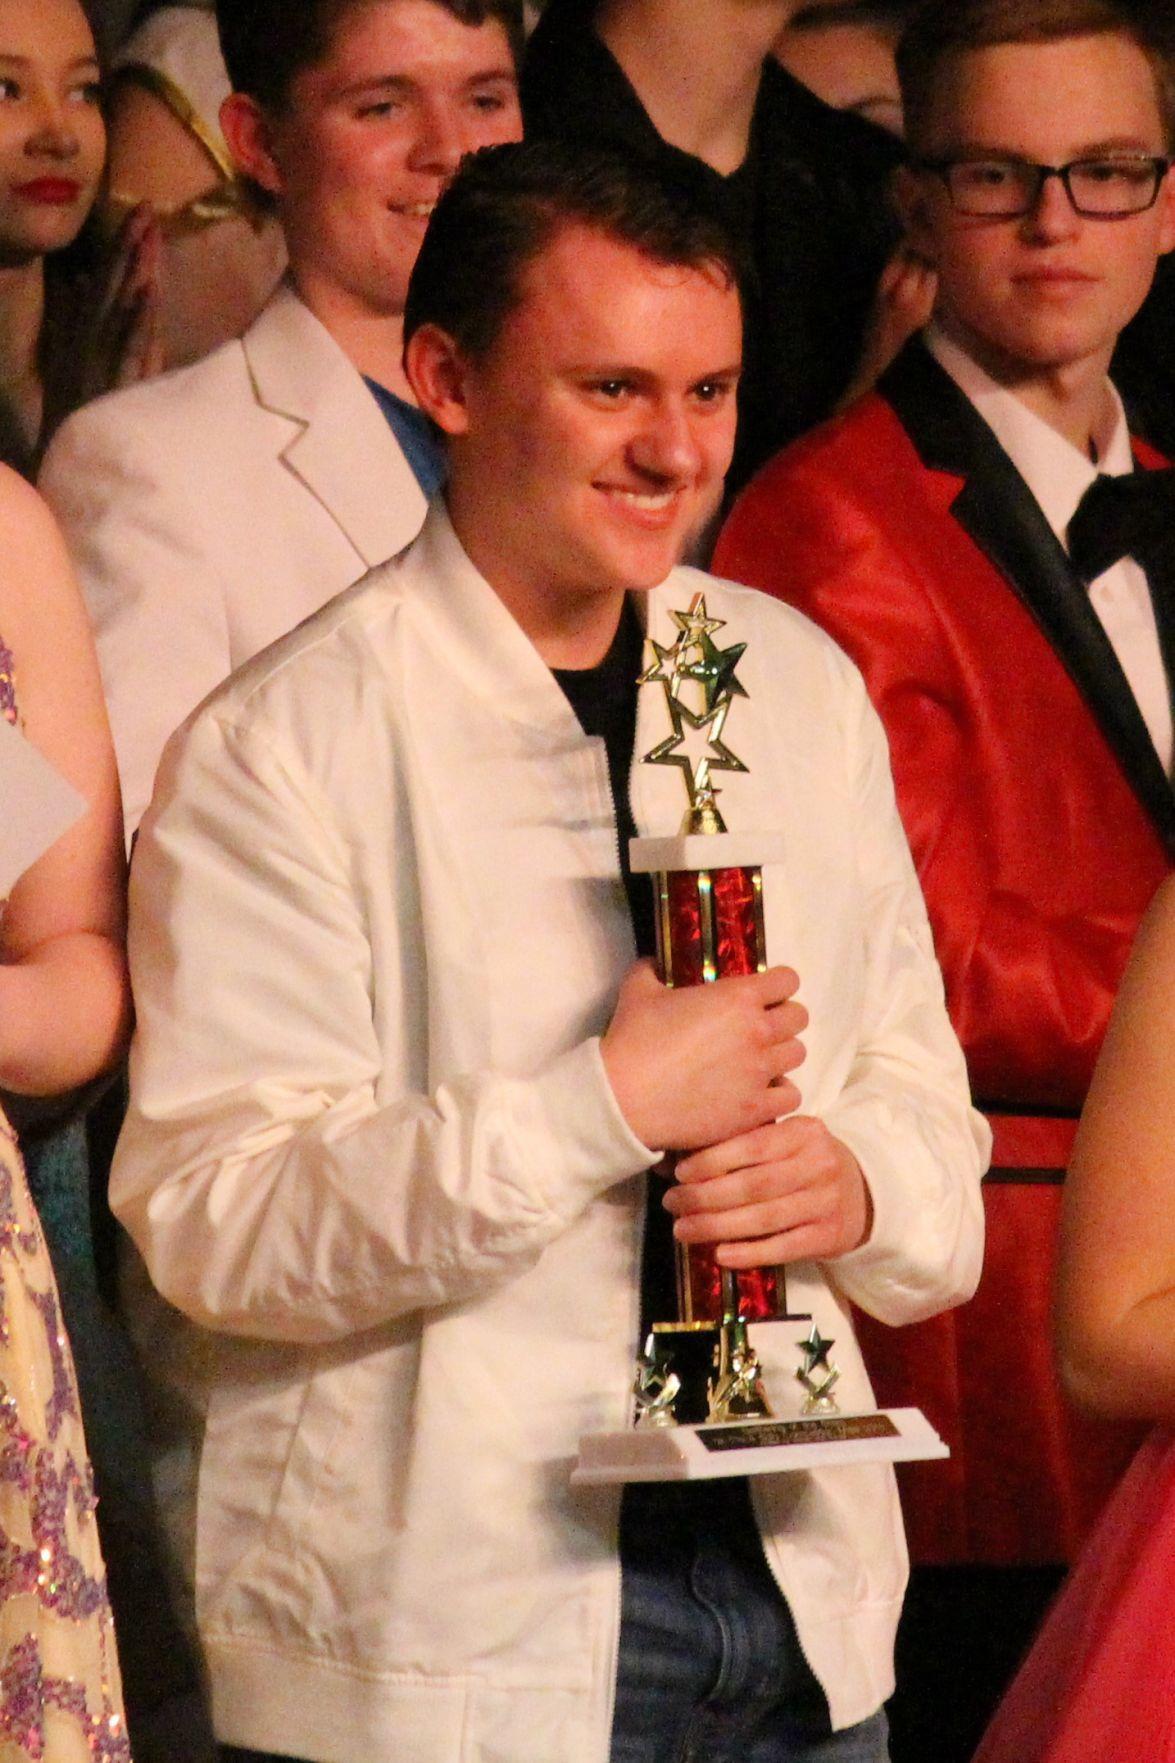 Solo award